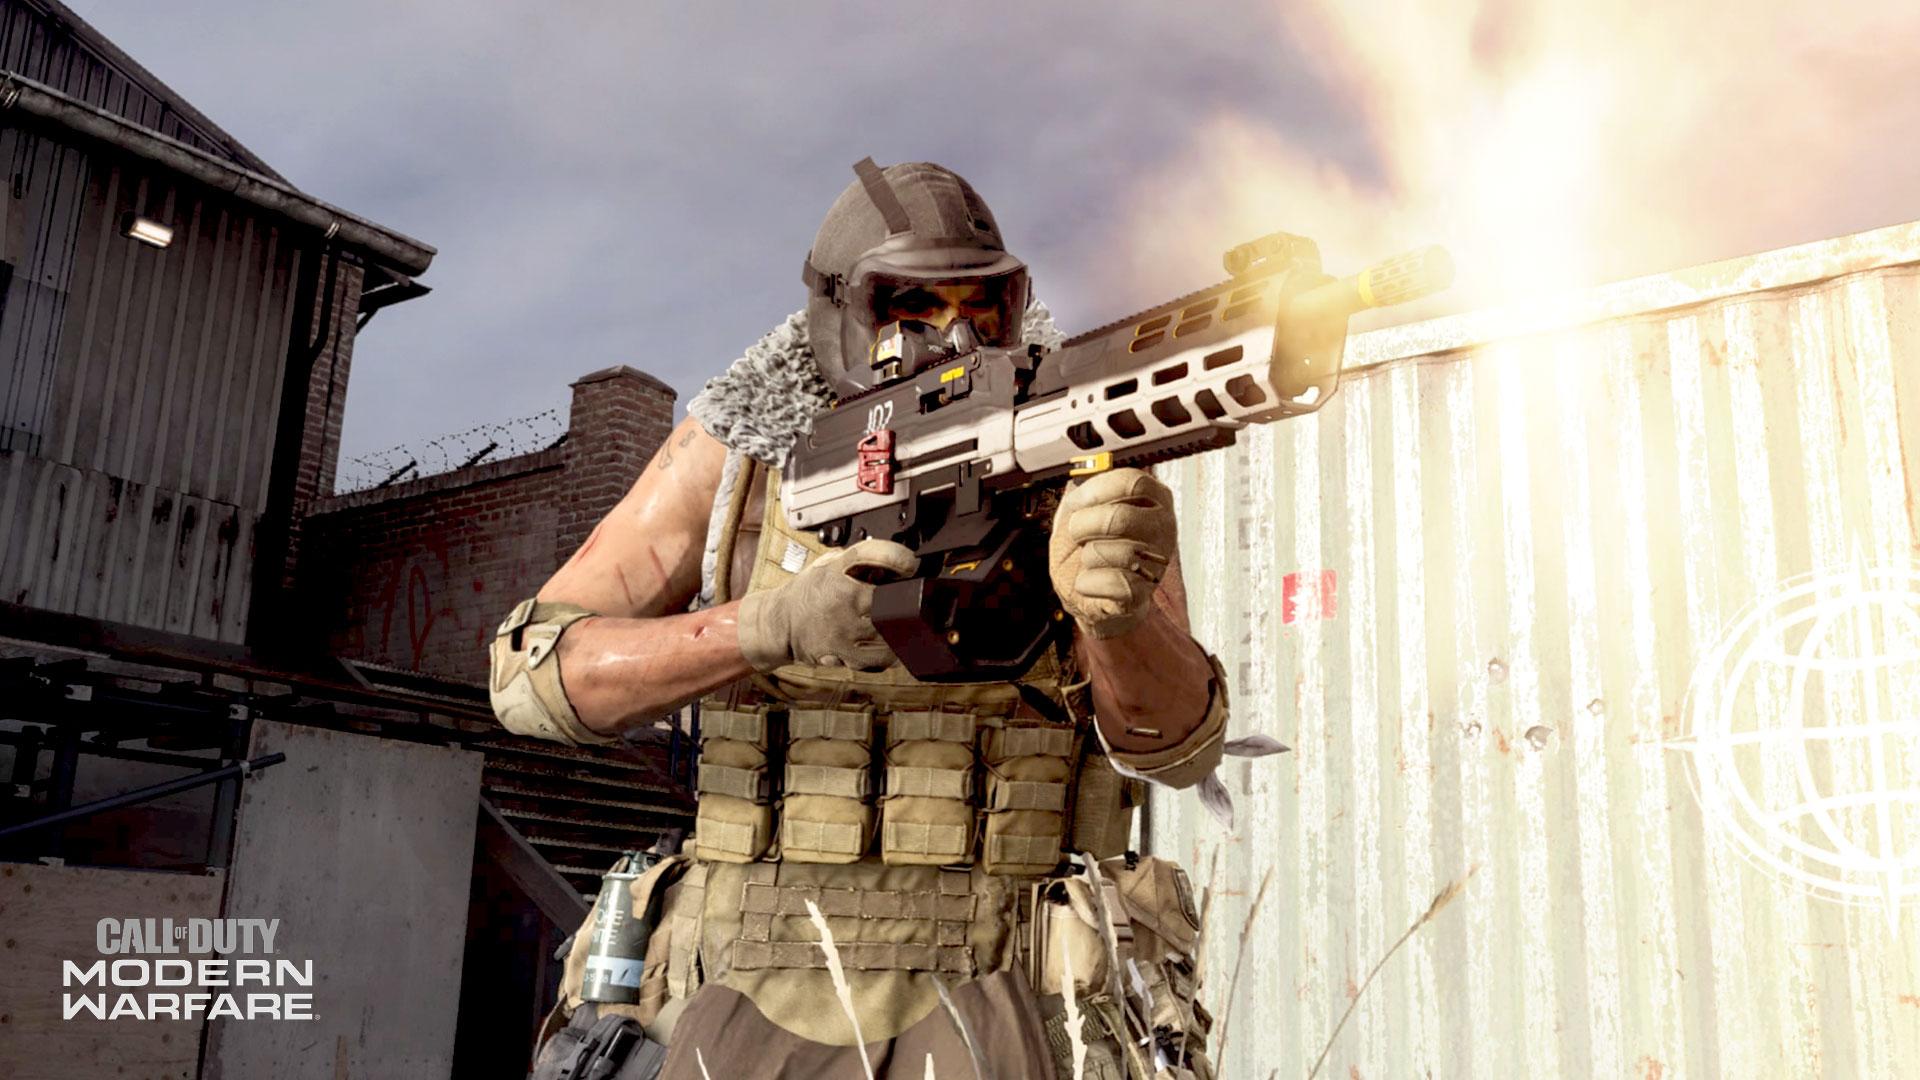 modern warfare seconda stagione